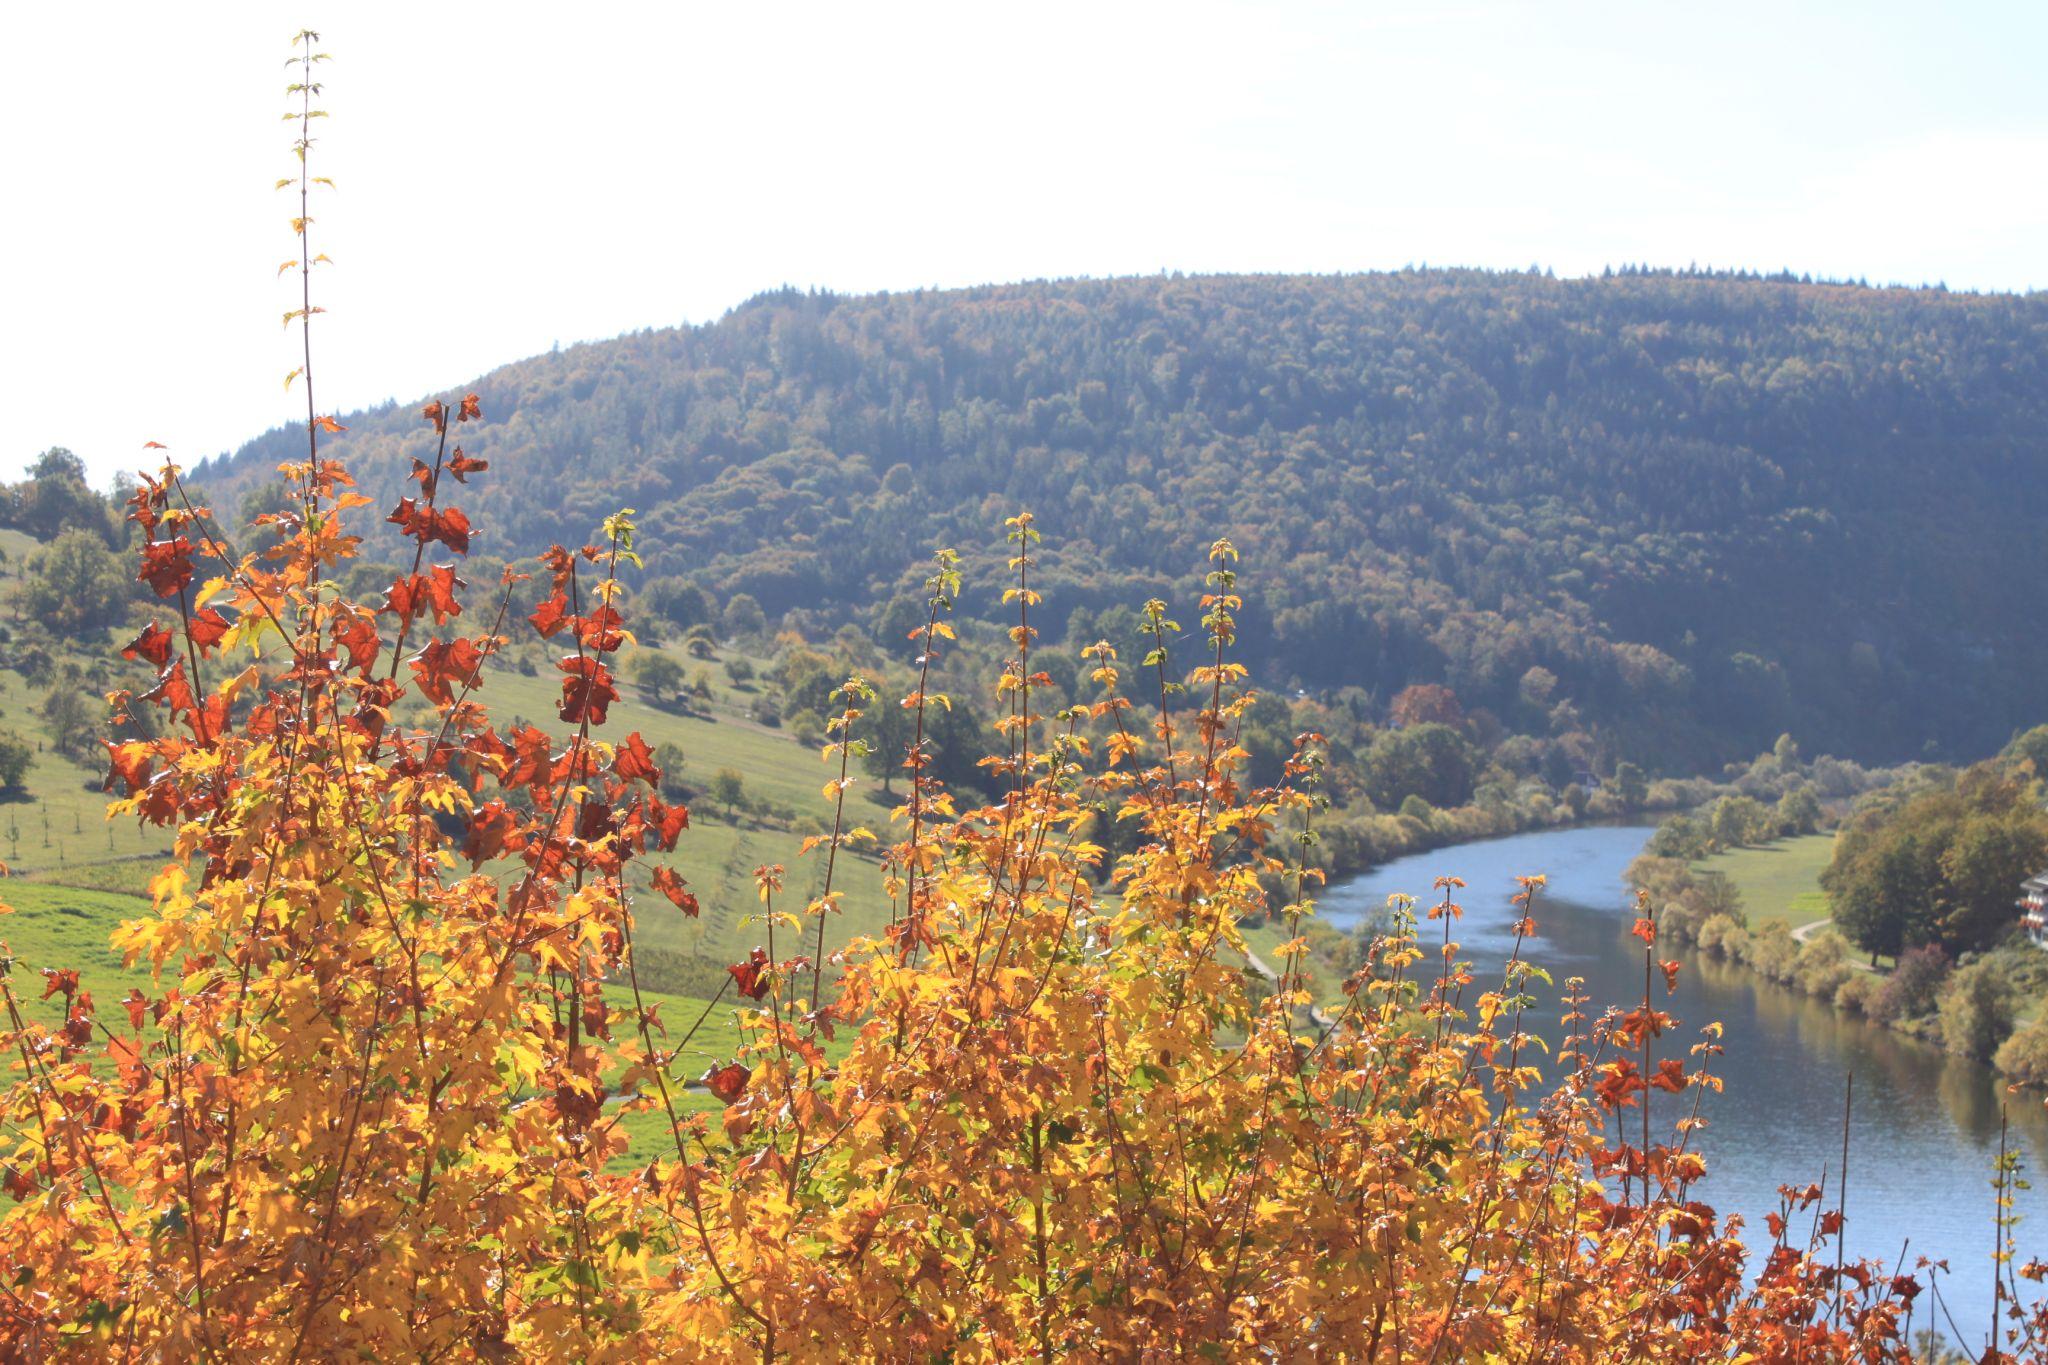 Autumn on the Neckar, Germany